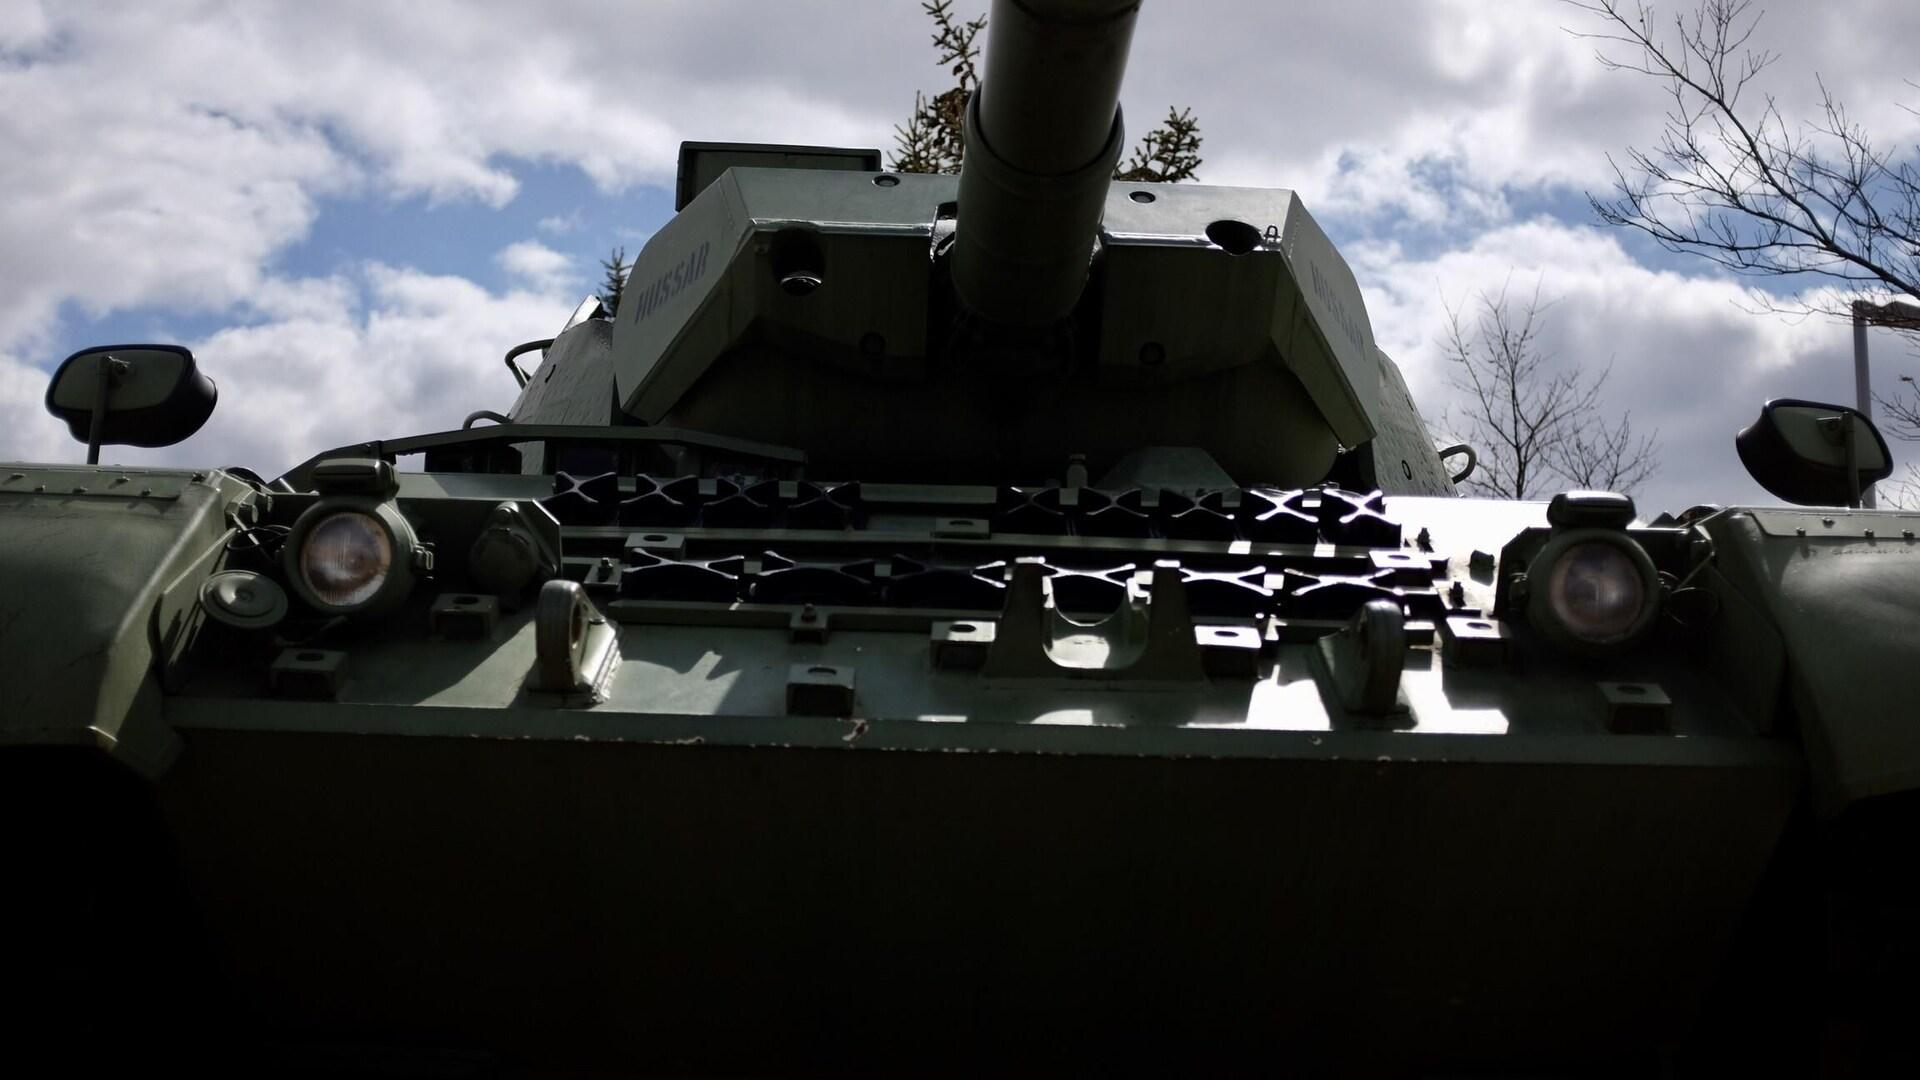 Un char de combat vu d'en dessous du canon.